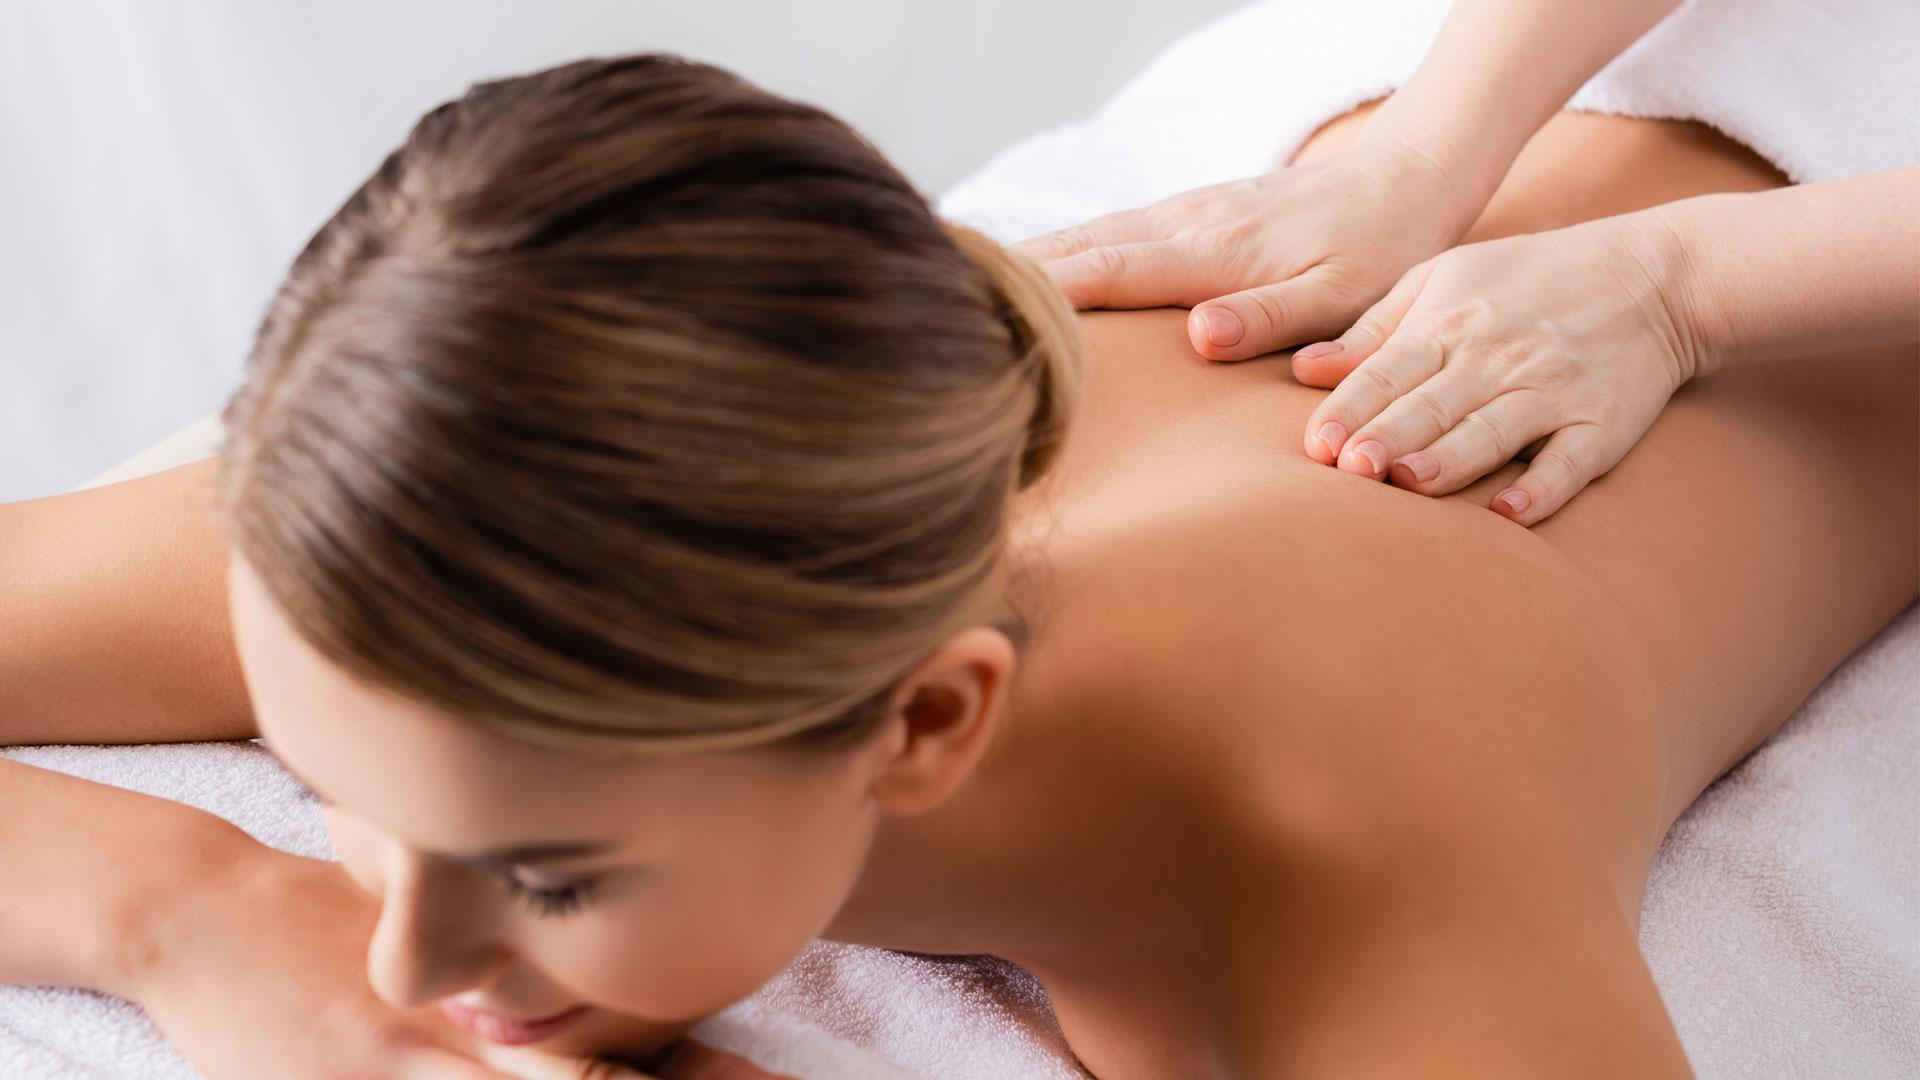 L!fe Health Club Massagen gegen Schmerzen